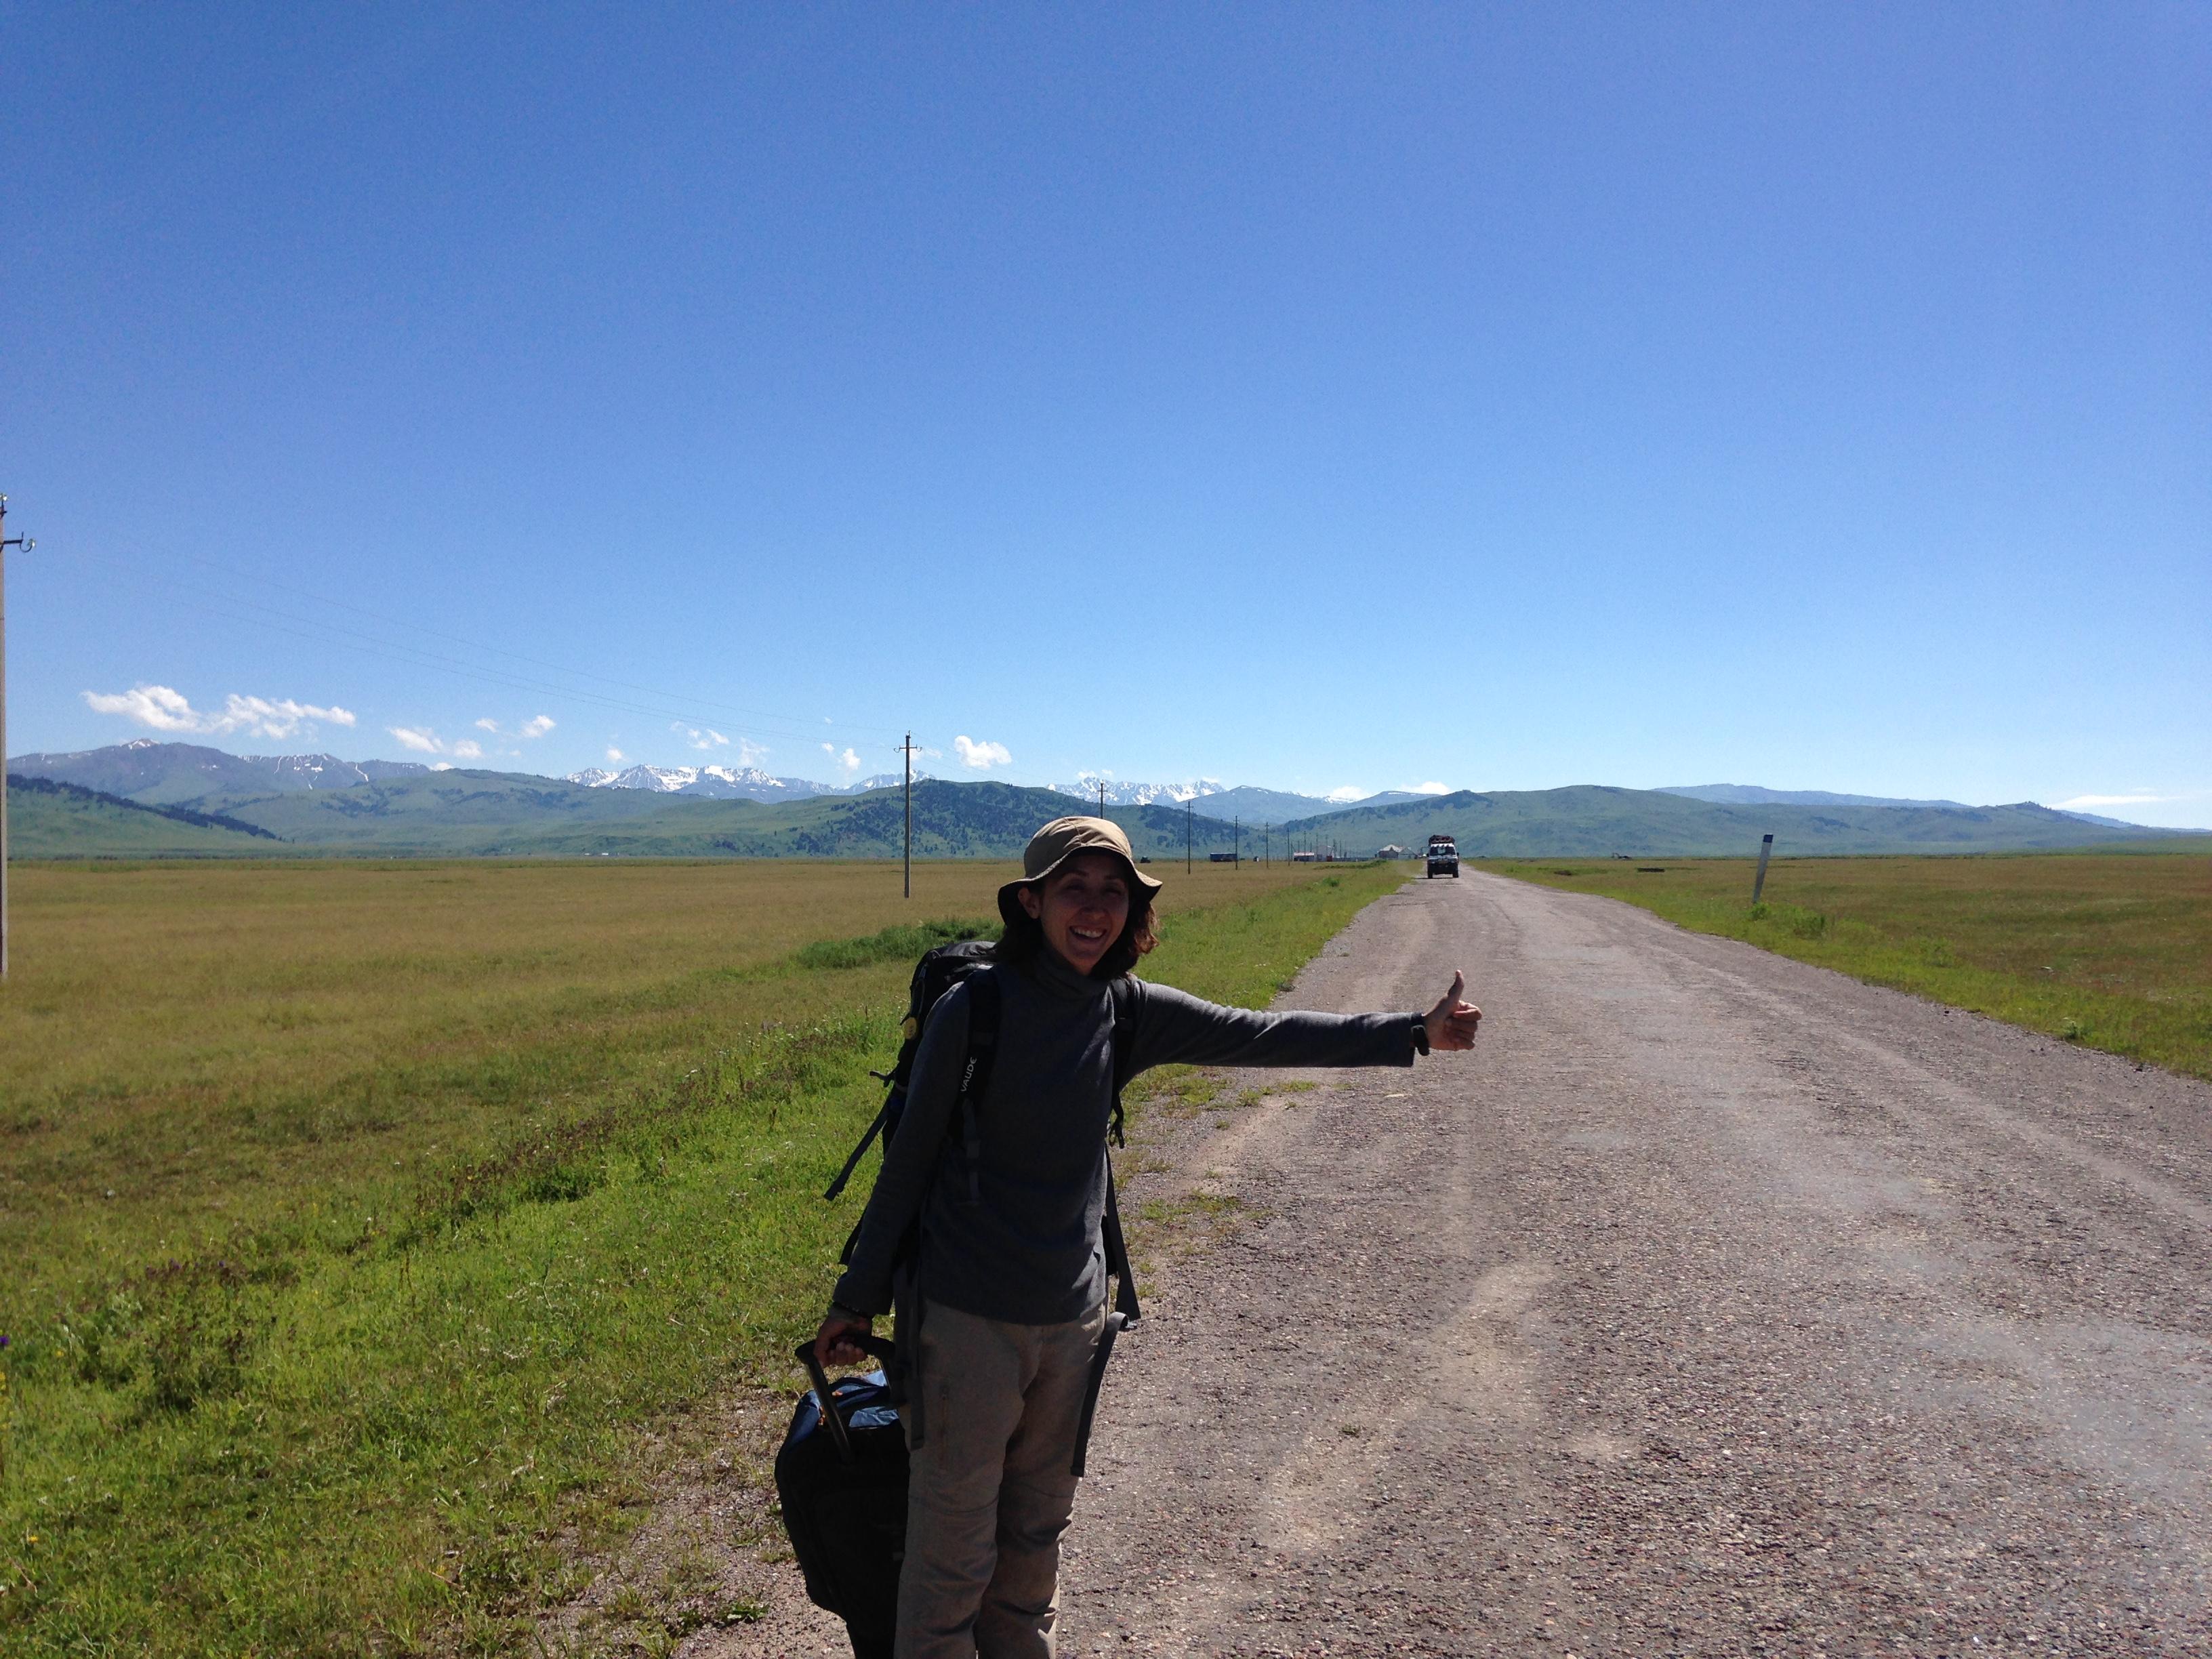 カルカラ,キルギス,カザフスタン,国境越え,ヒッチハイク,世界一周,旅,ブログ,中央アジア,マイナー国境